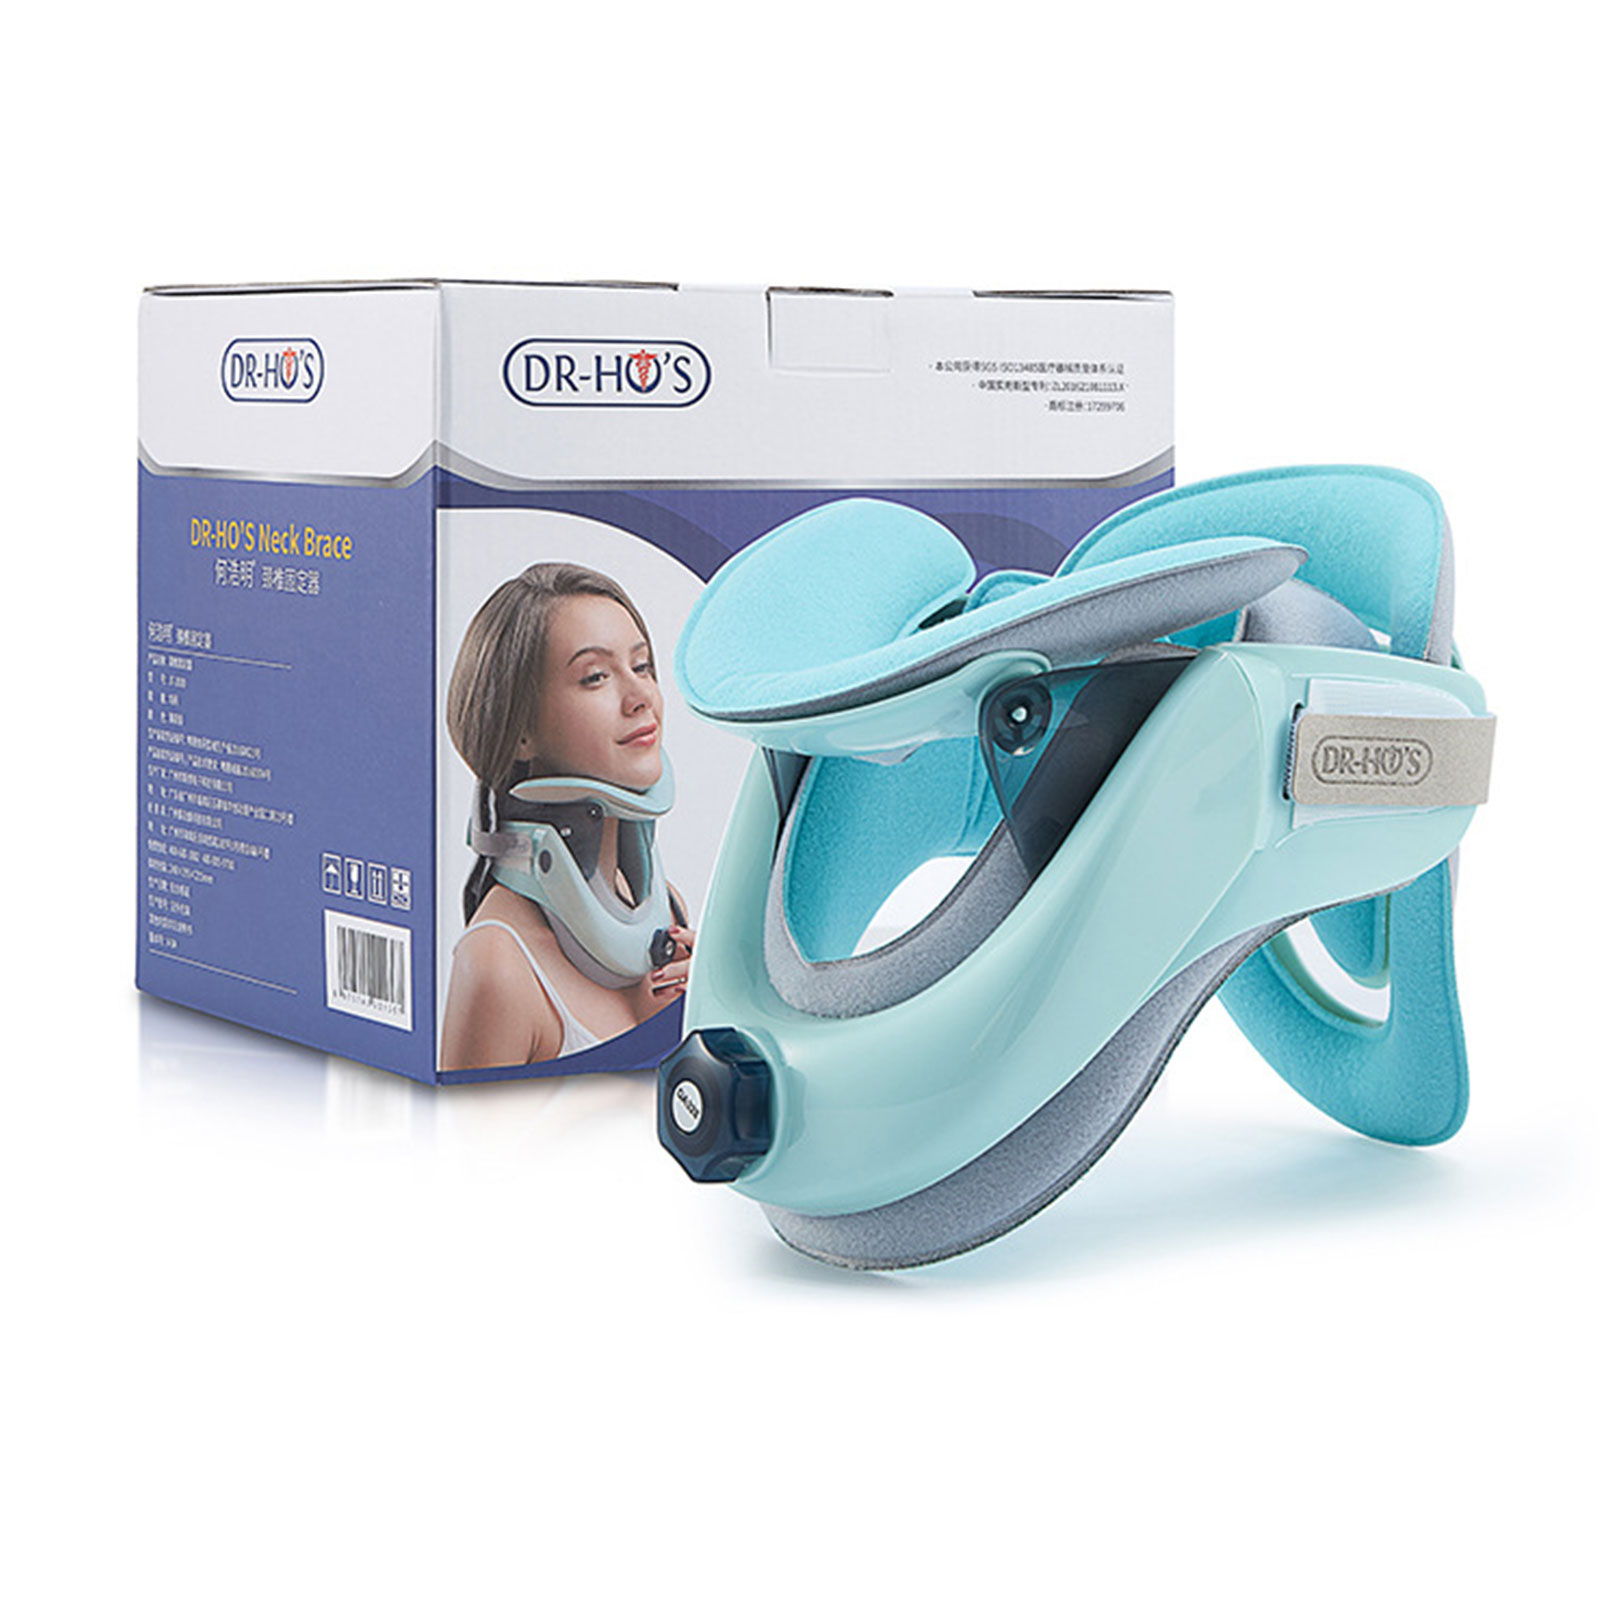 Медицинское устройство для вытягивания шеи, Корректор осанки, шейный воротник, шейный воротник, брекеты для шеи, забота о здоровье, поддержк...